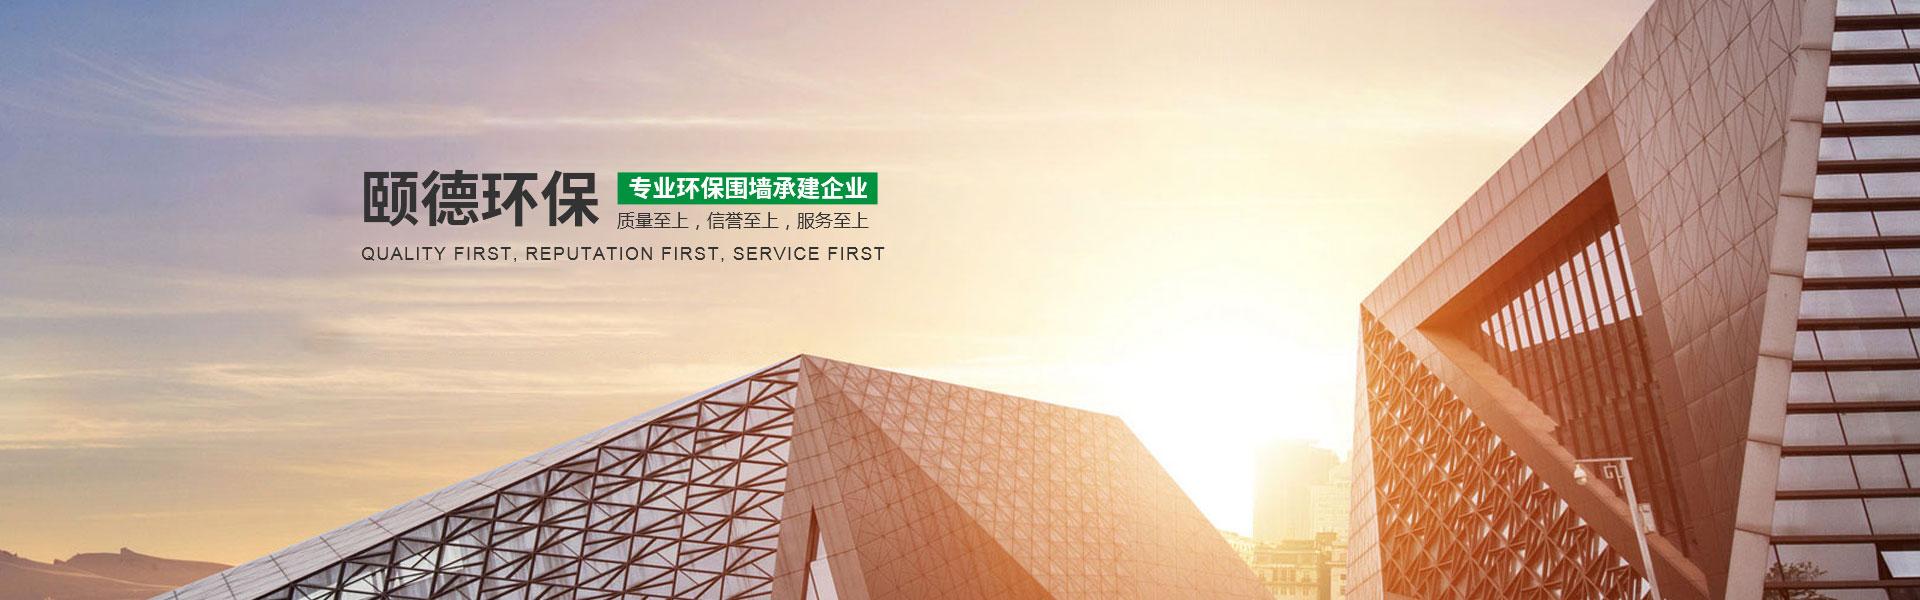 陕西工程围墙